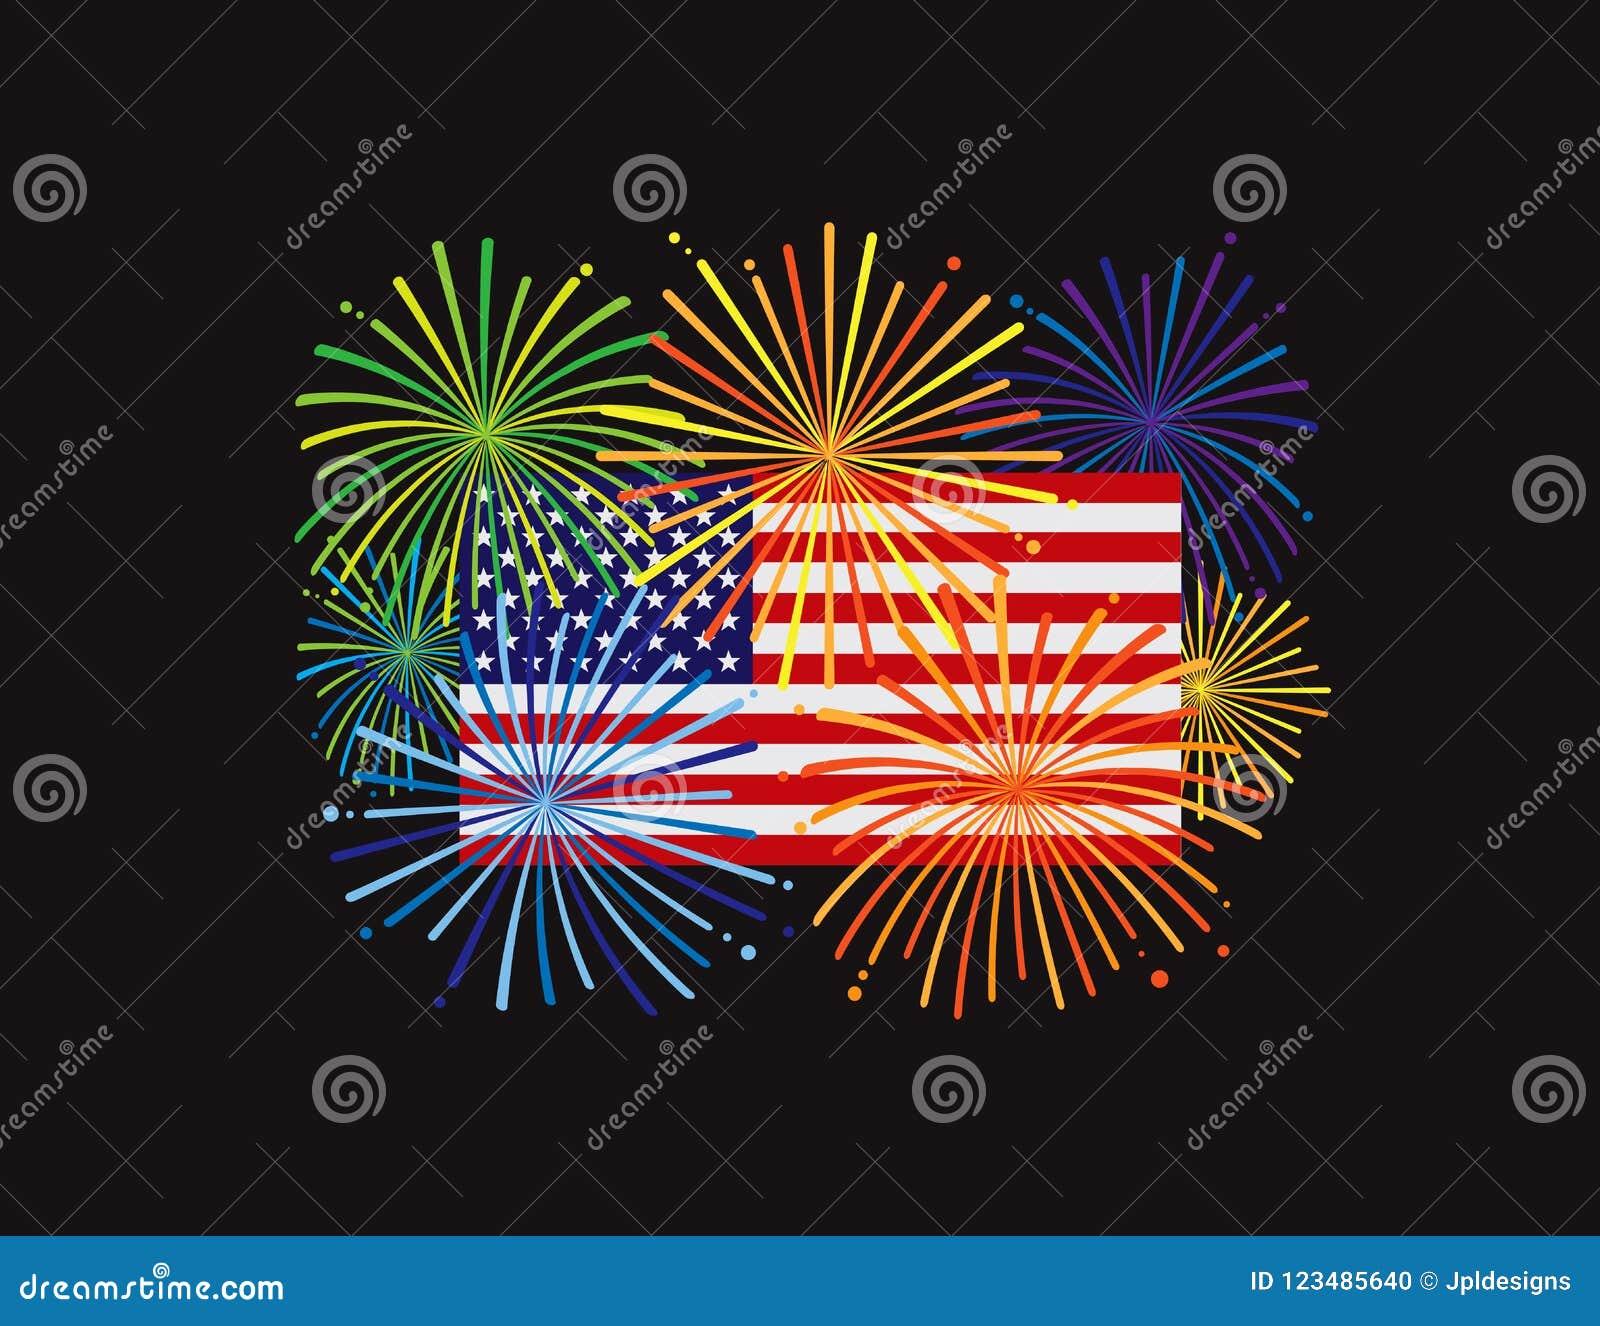 Vuurwerk over Illustratie van de Vlag Zwarte BG van de V.S. de Amerikaanse